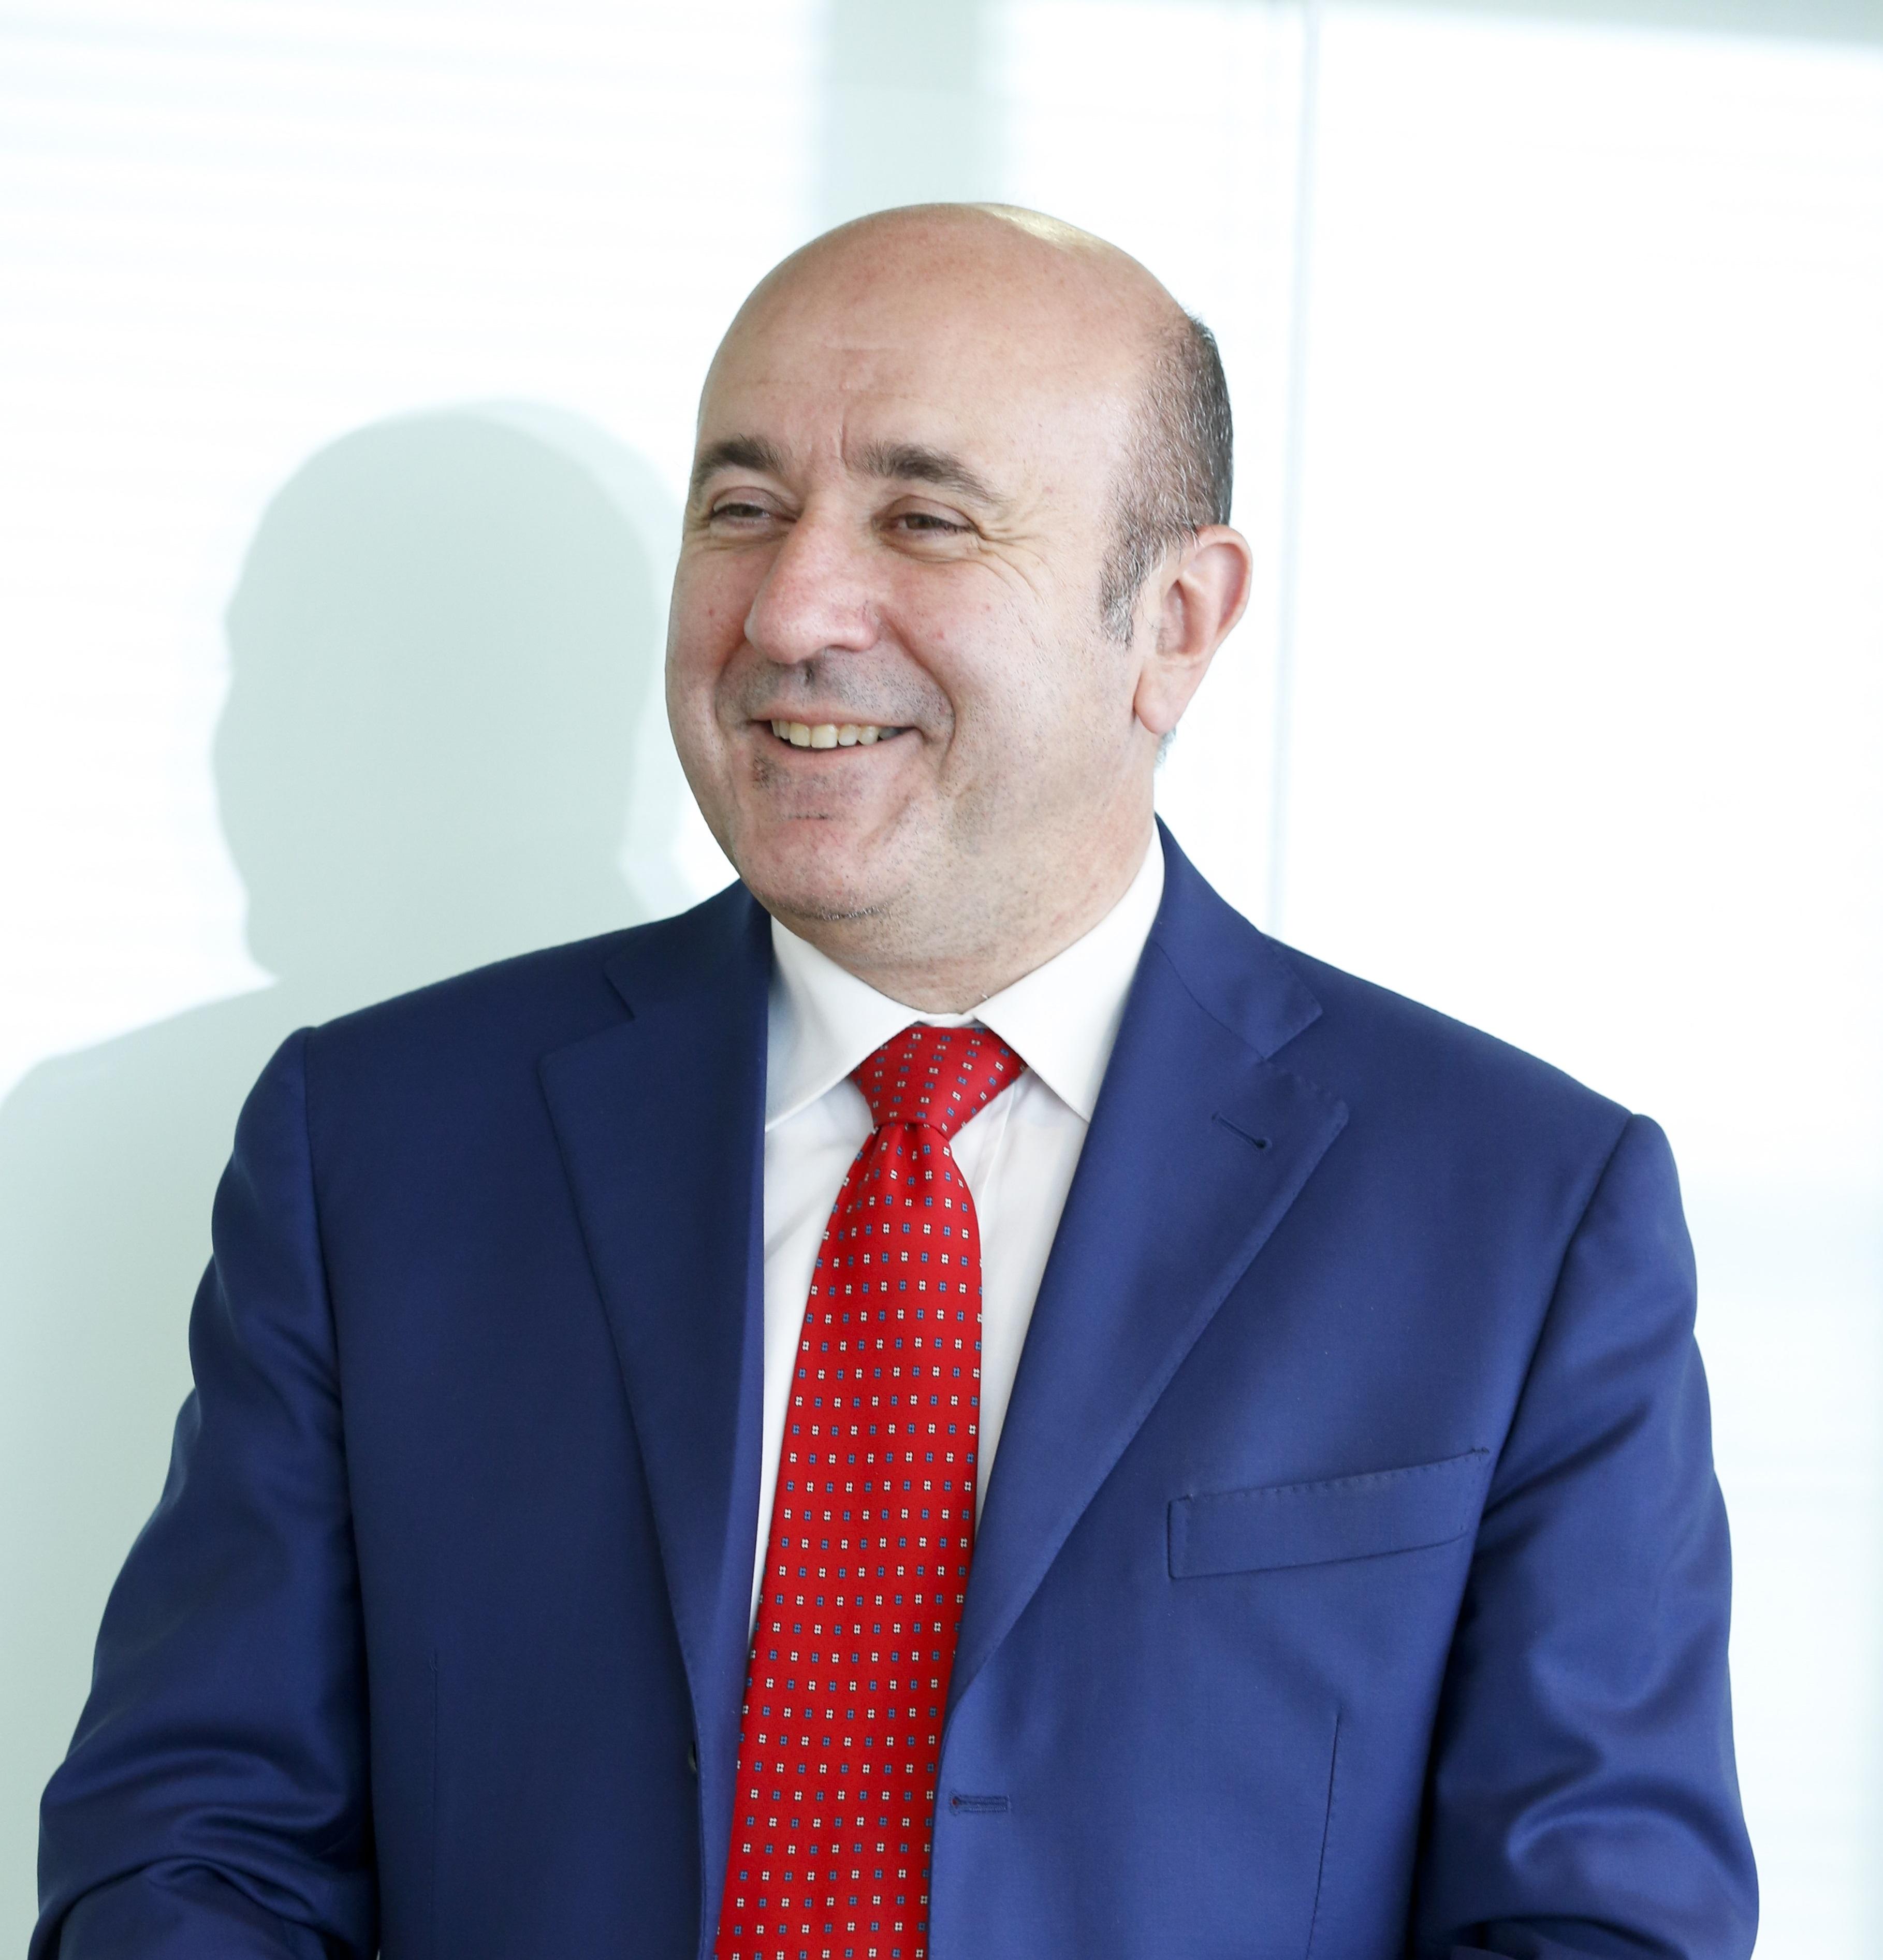 Franco Ghiringhelli, SVP Risorse Umane, Organizzazione e ICT Gruppo Maire Tecnimont